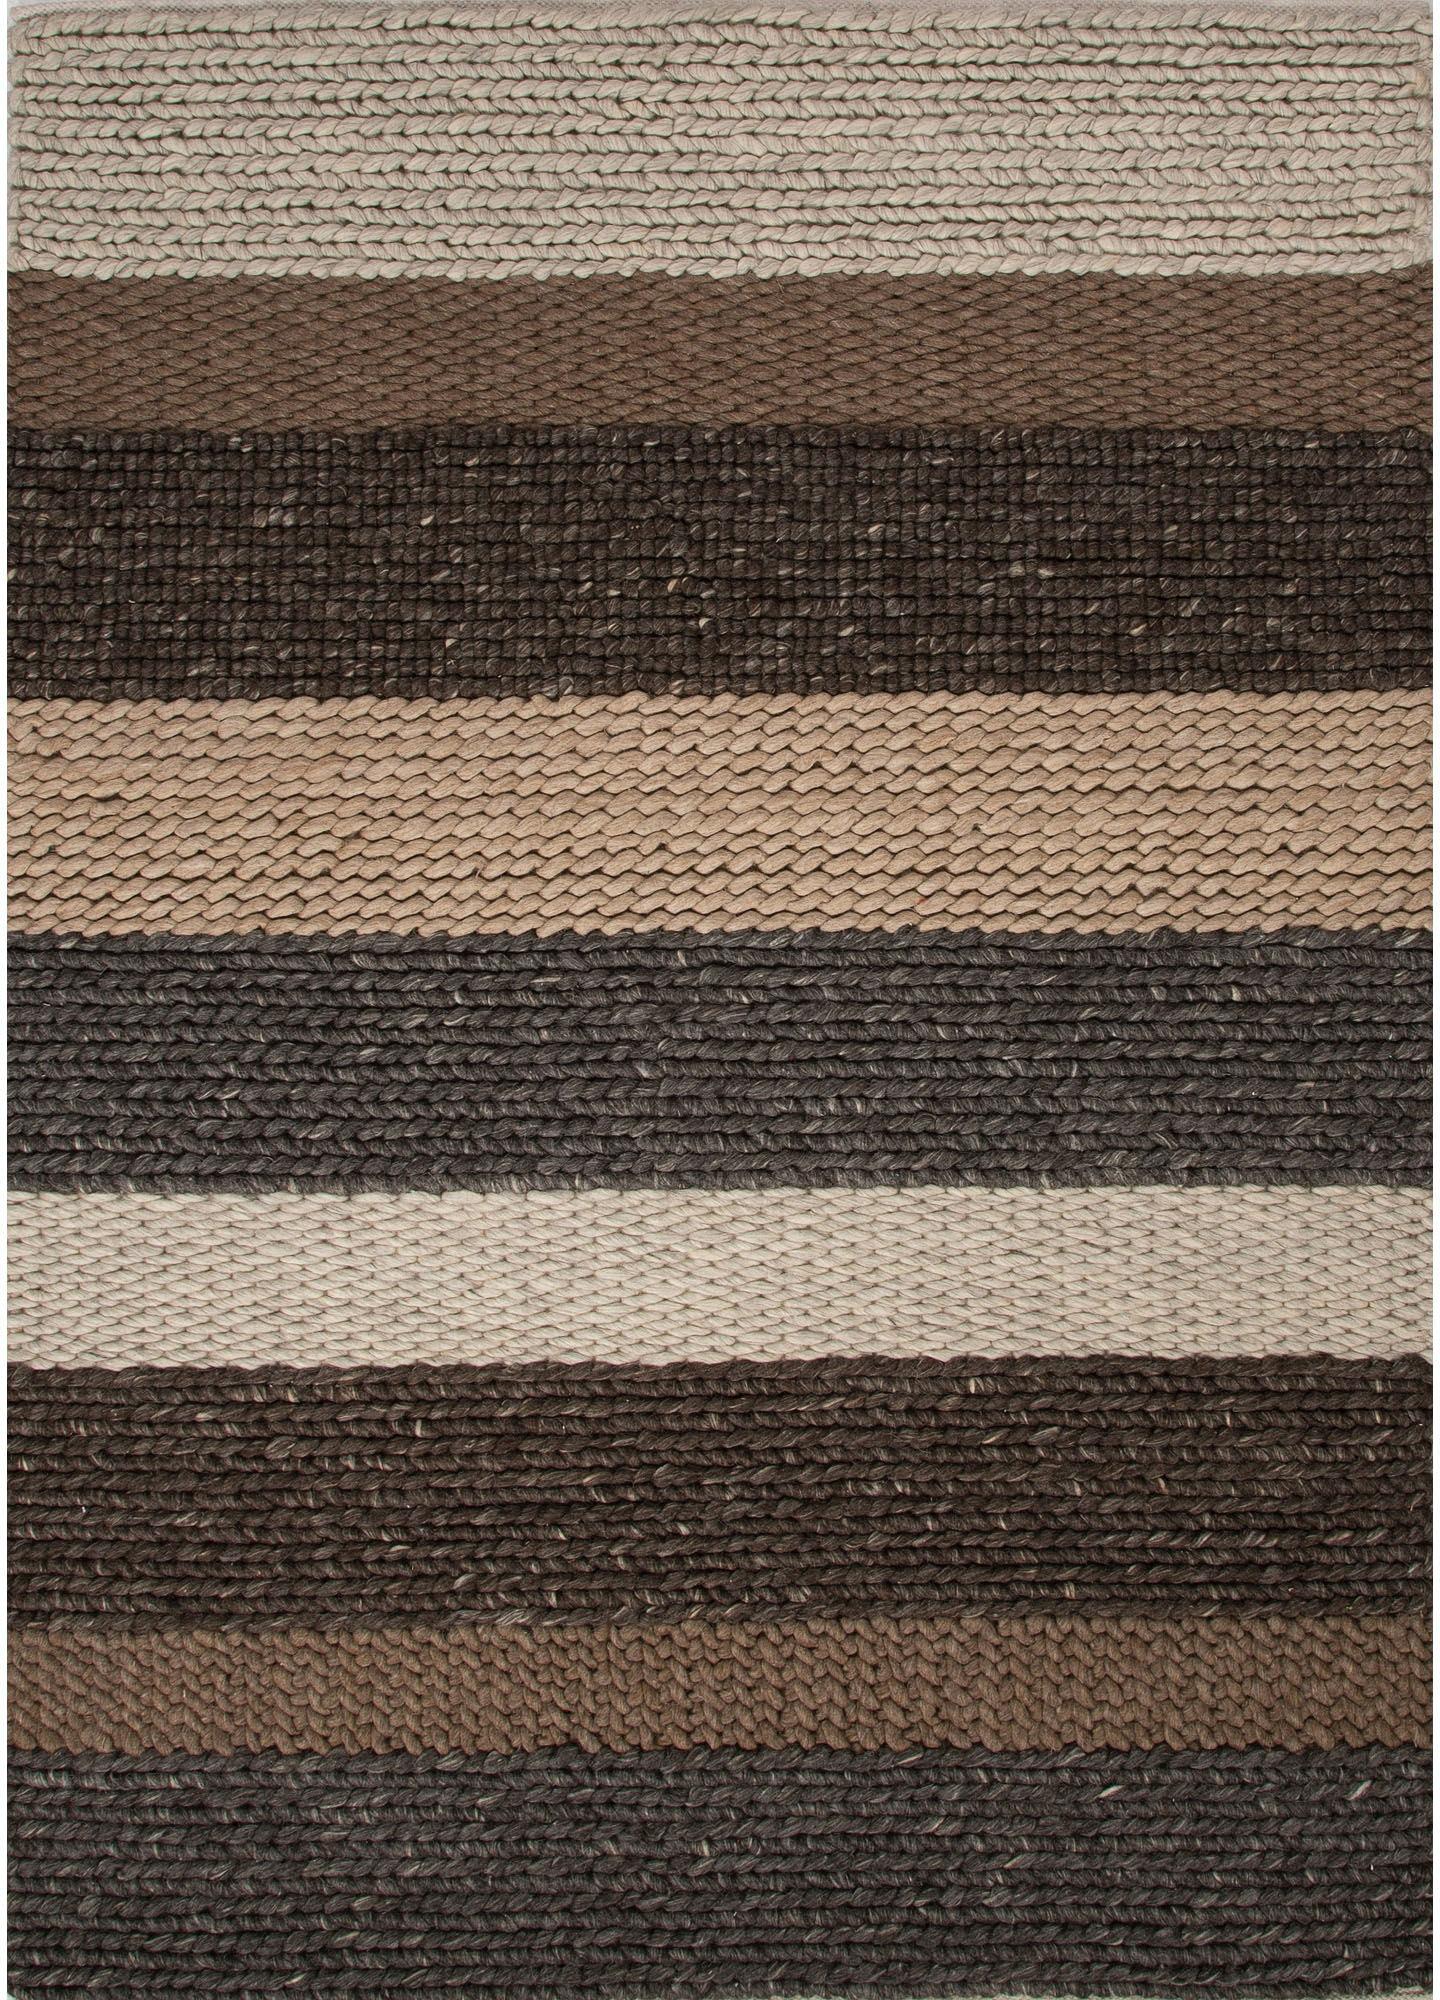 Jaipur Rugs Floor Coverings Jaipur Textured Texture Pattern Brown